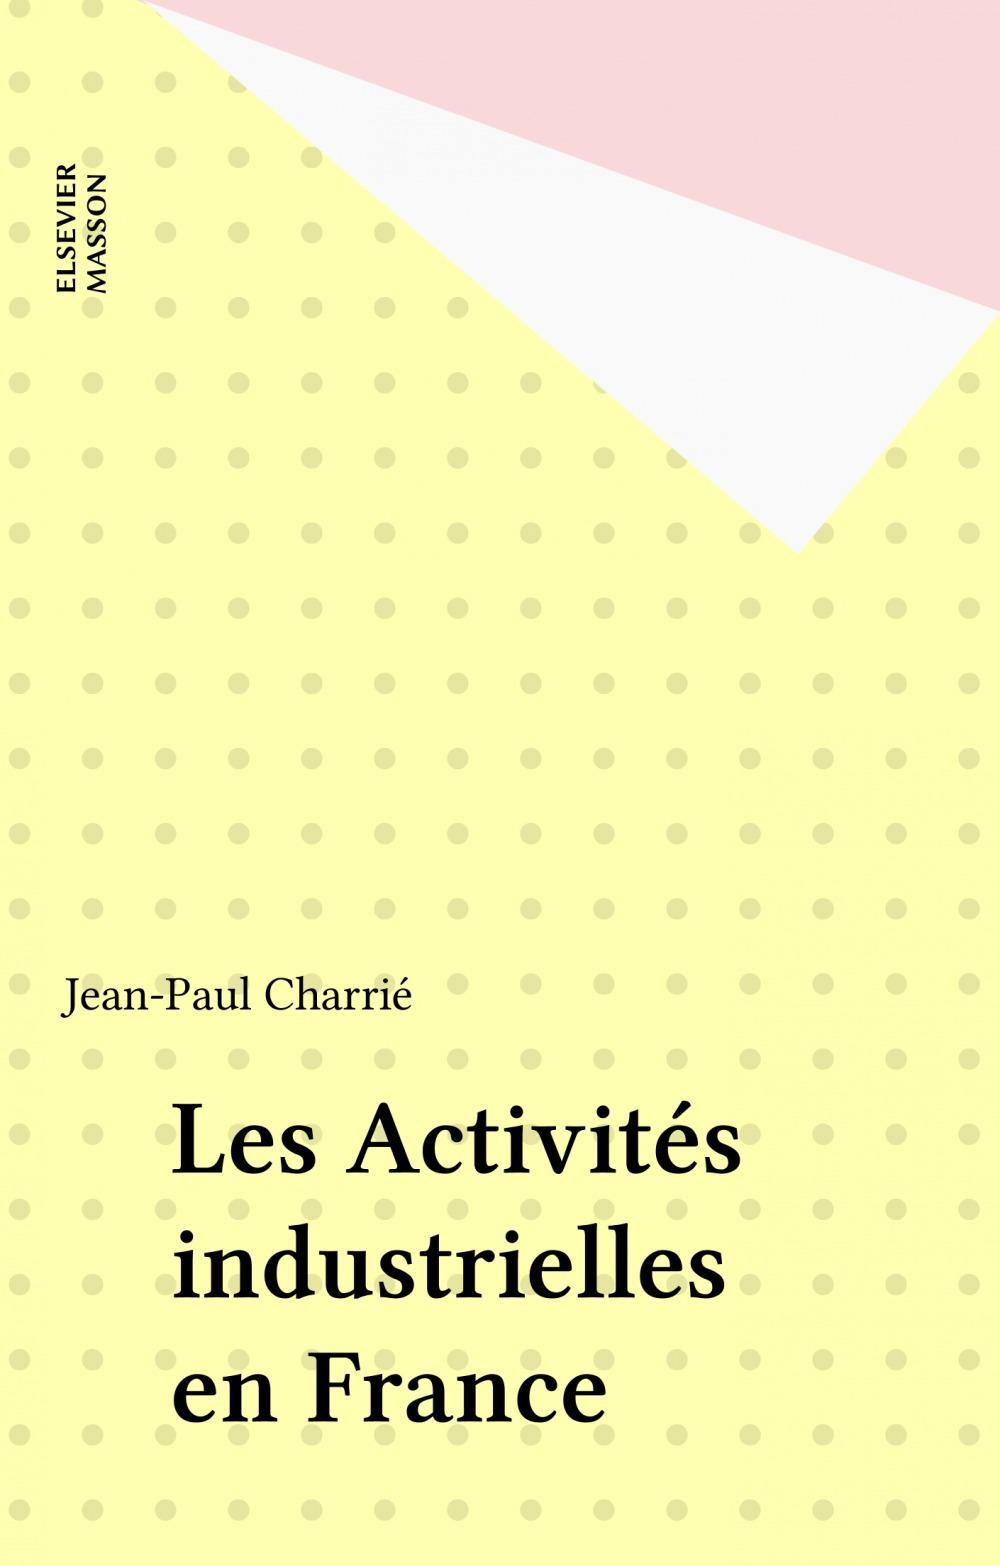 Les Activités industrielles en France